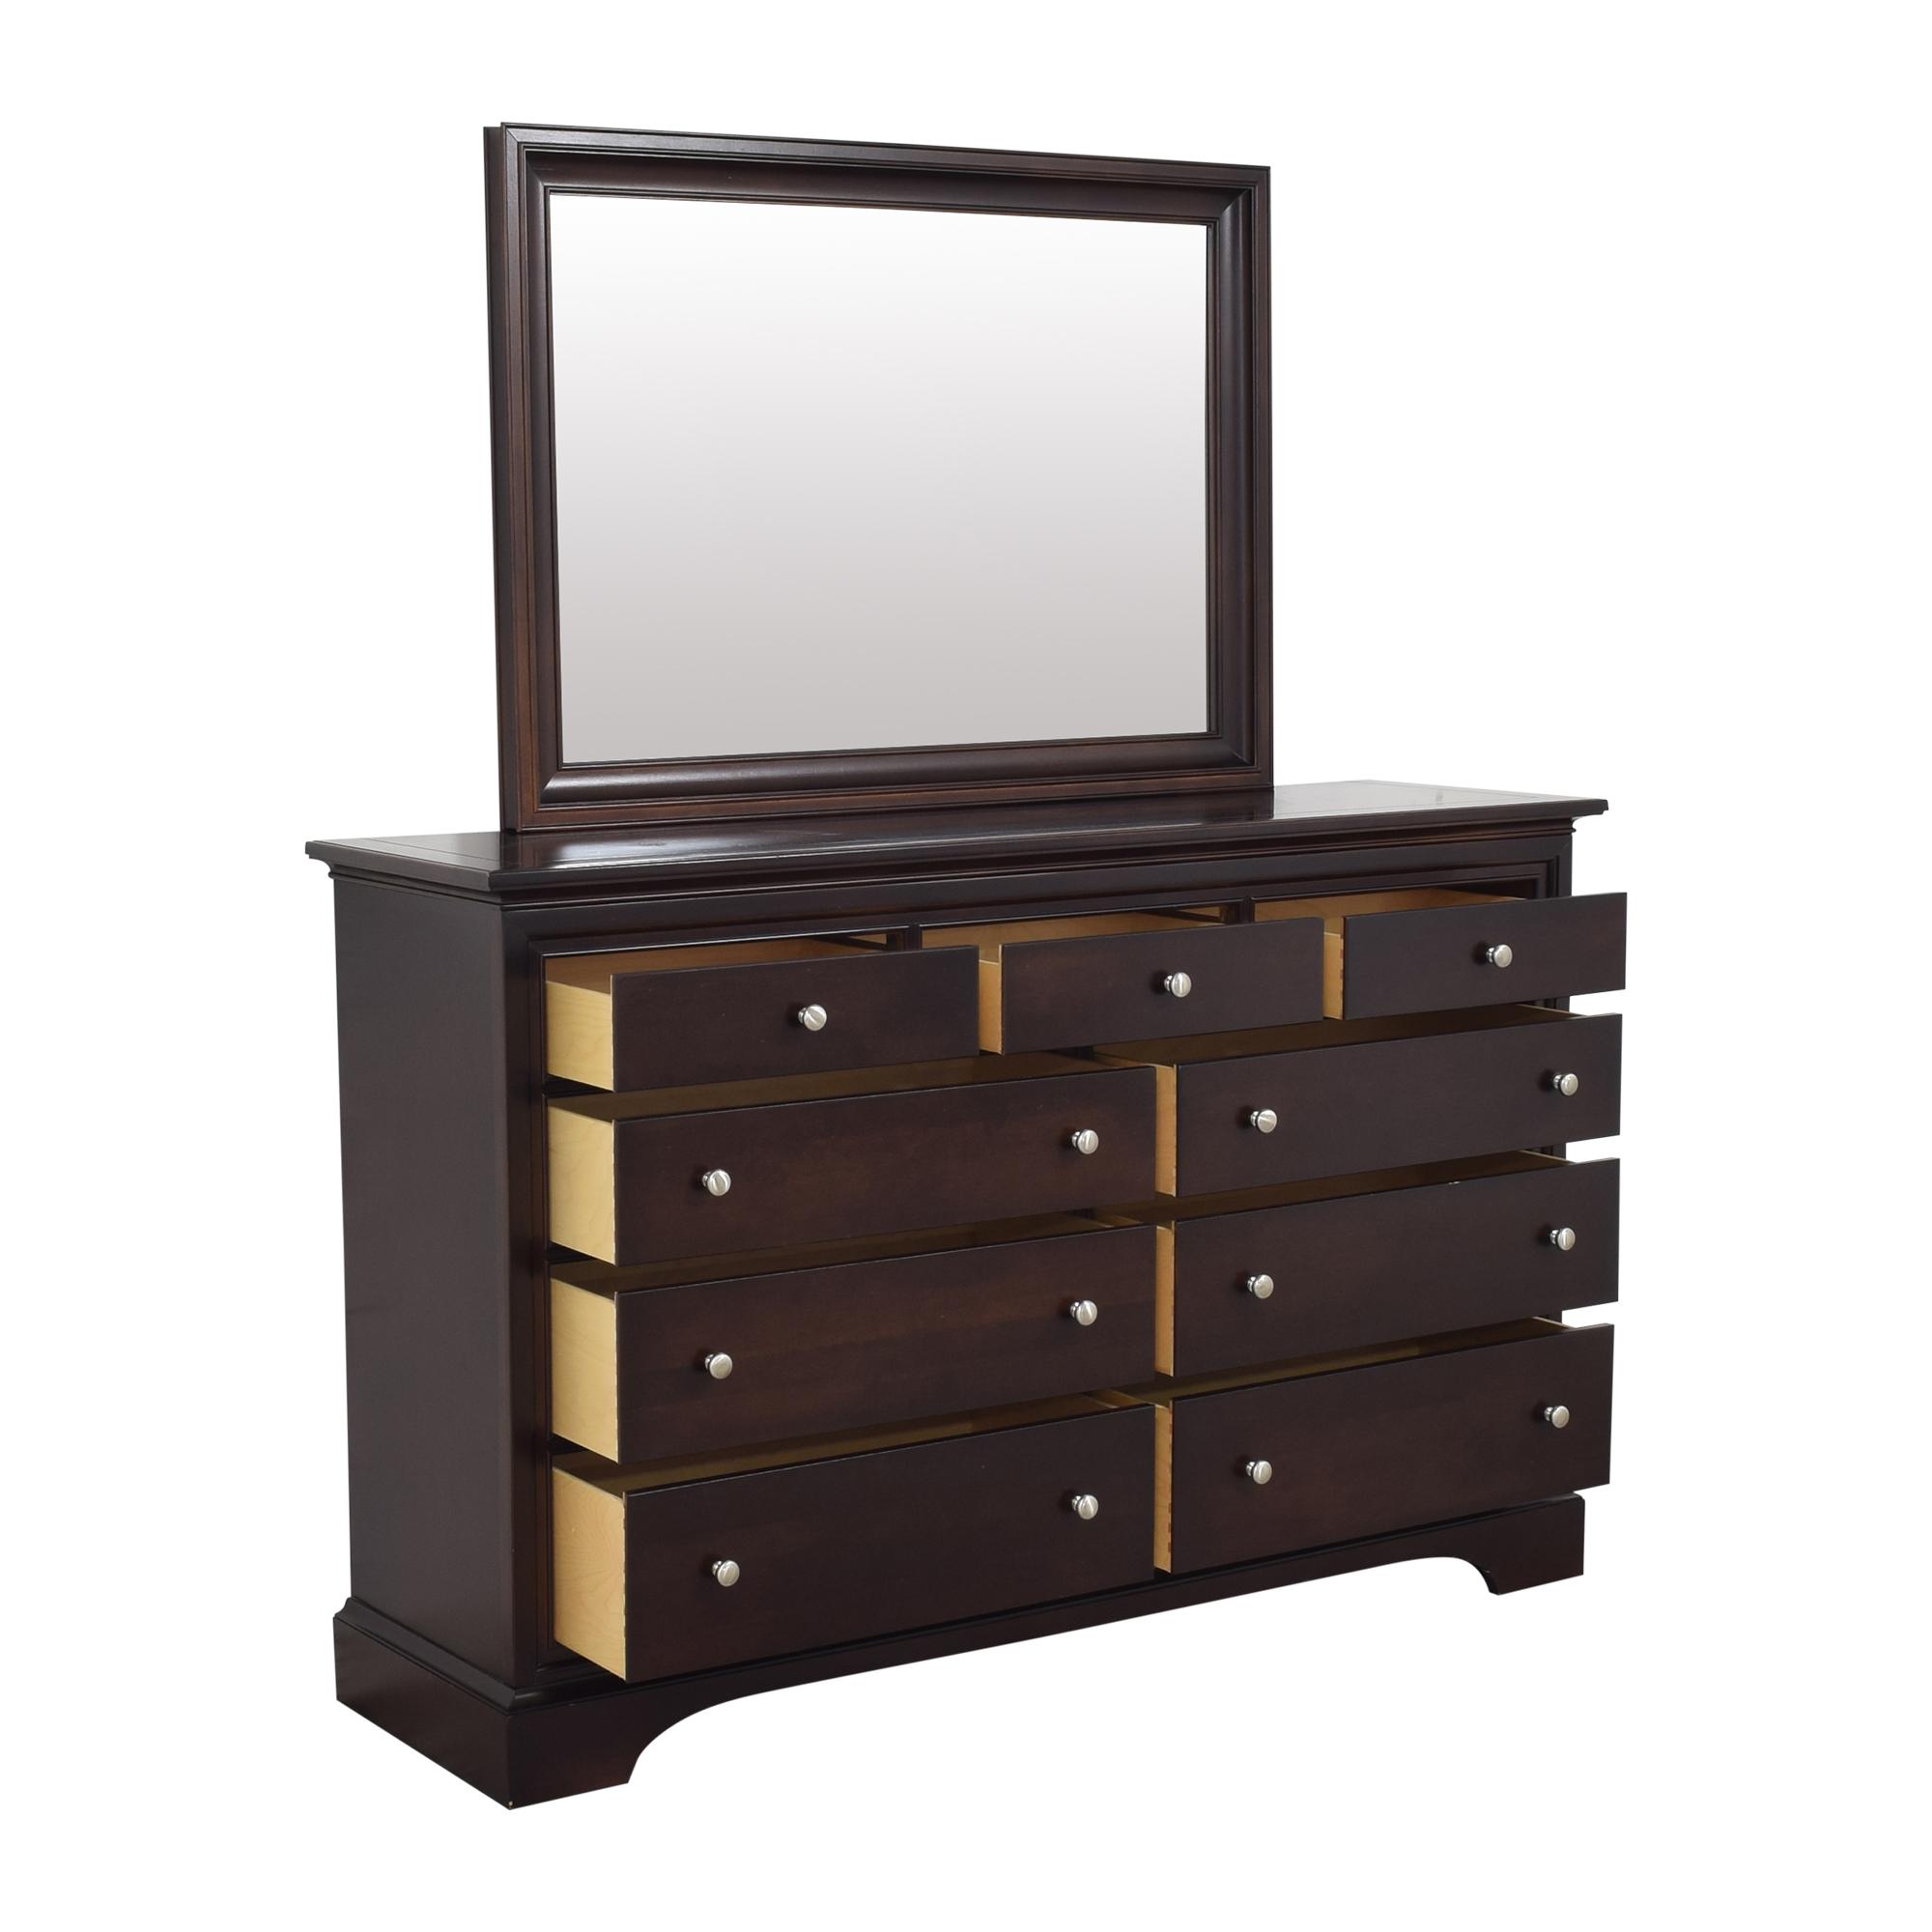 Stanley Furniture Stanley Furniture Nine Drawer Dresser with Mirror Dressers